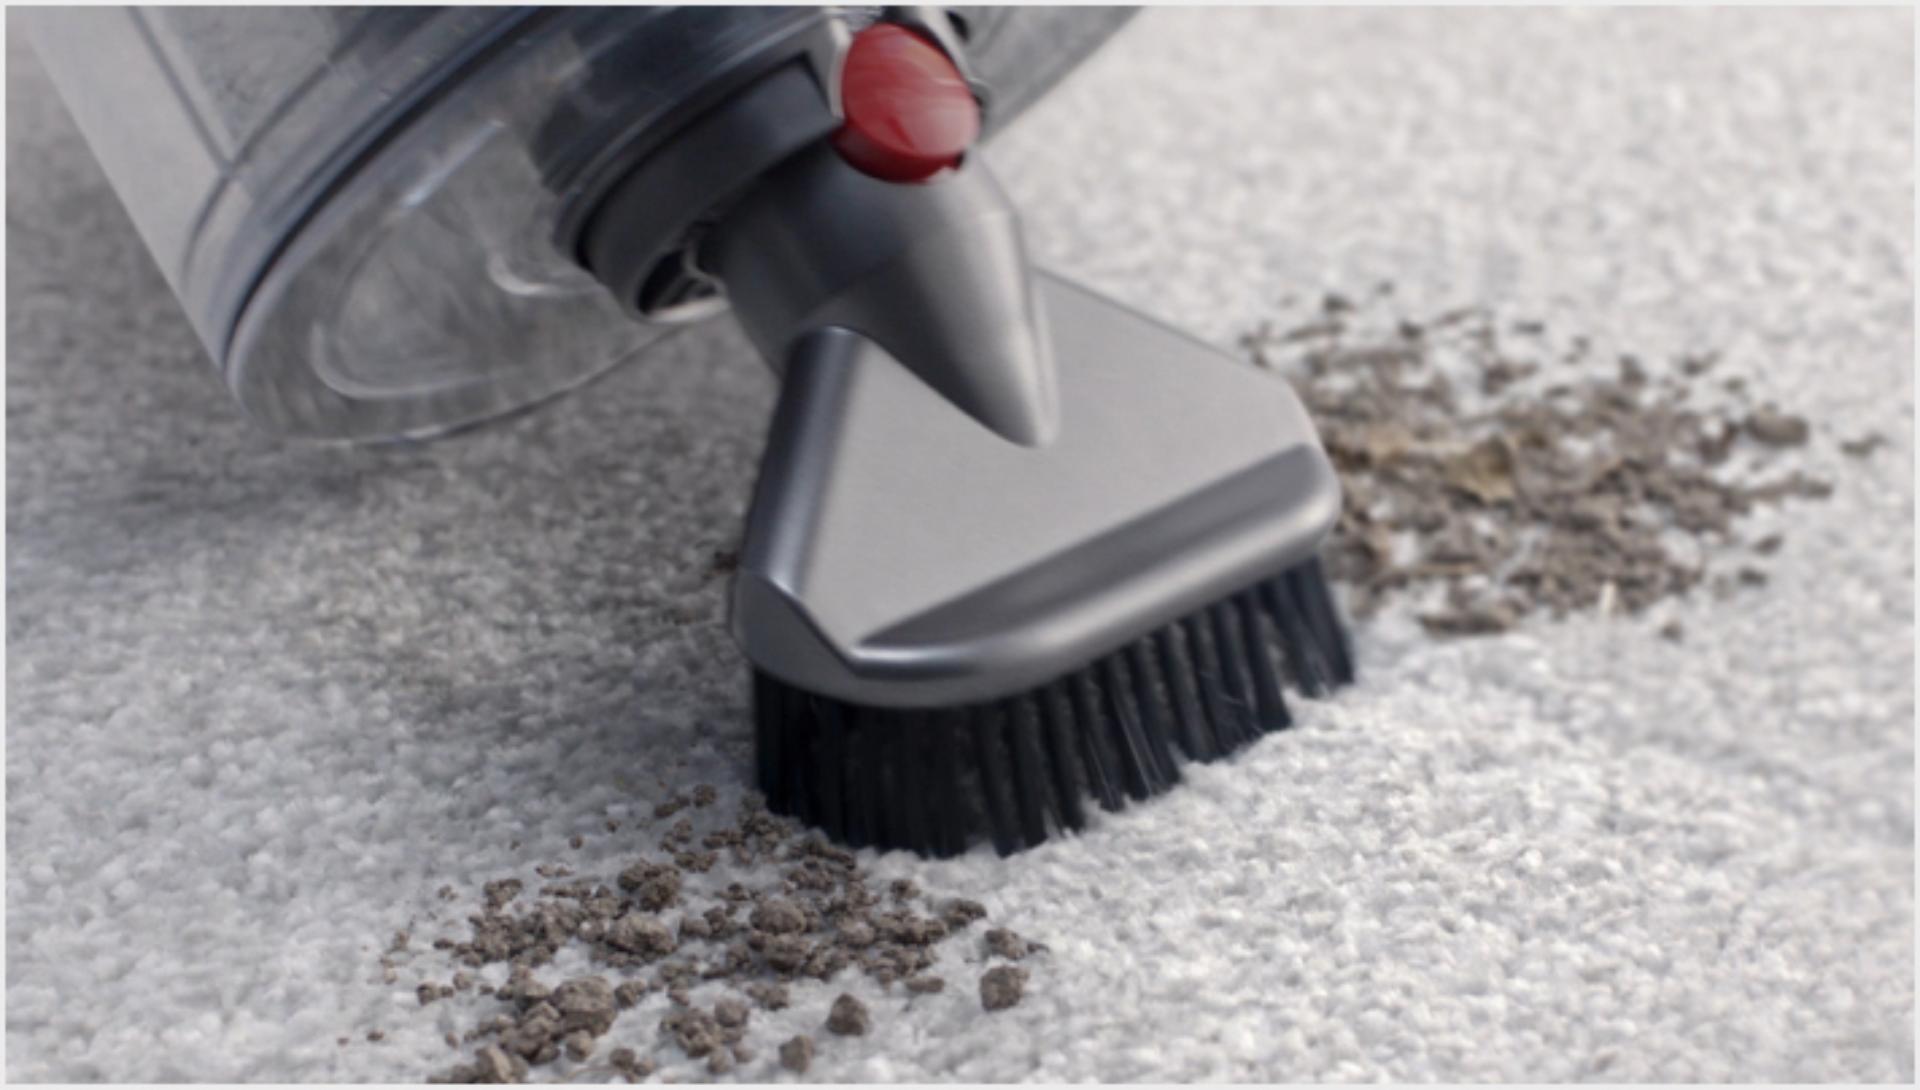 Stubborn dirt brush in use